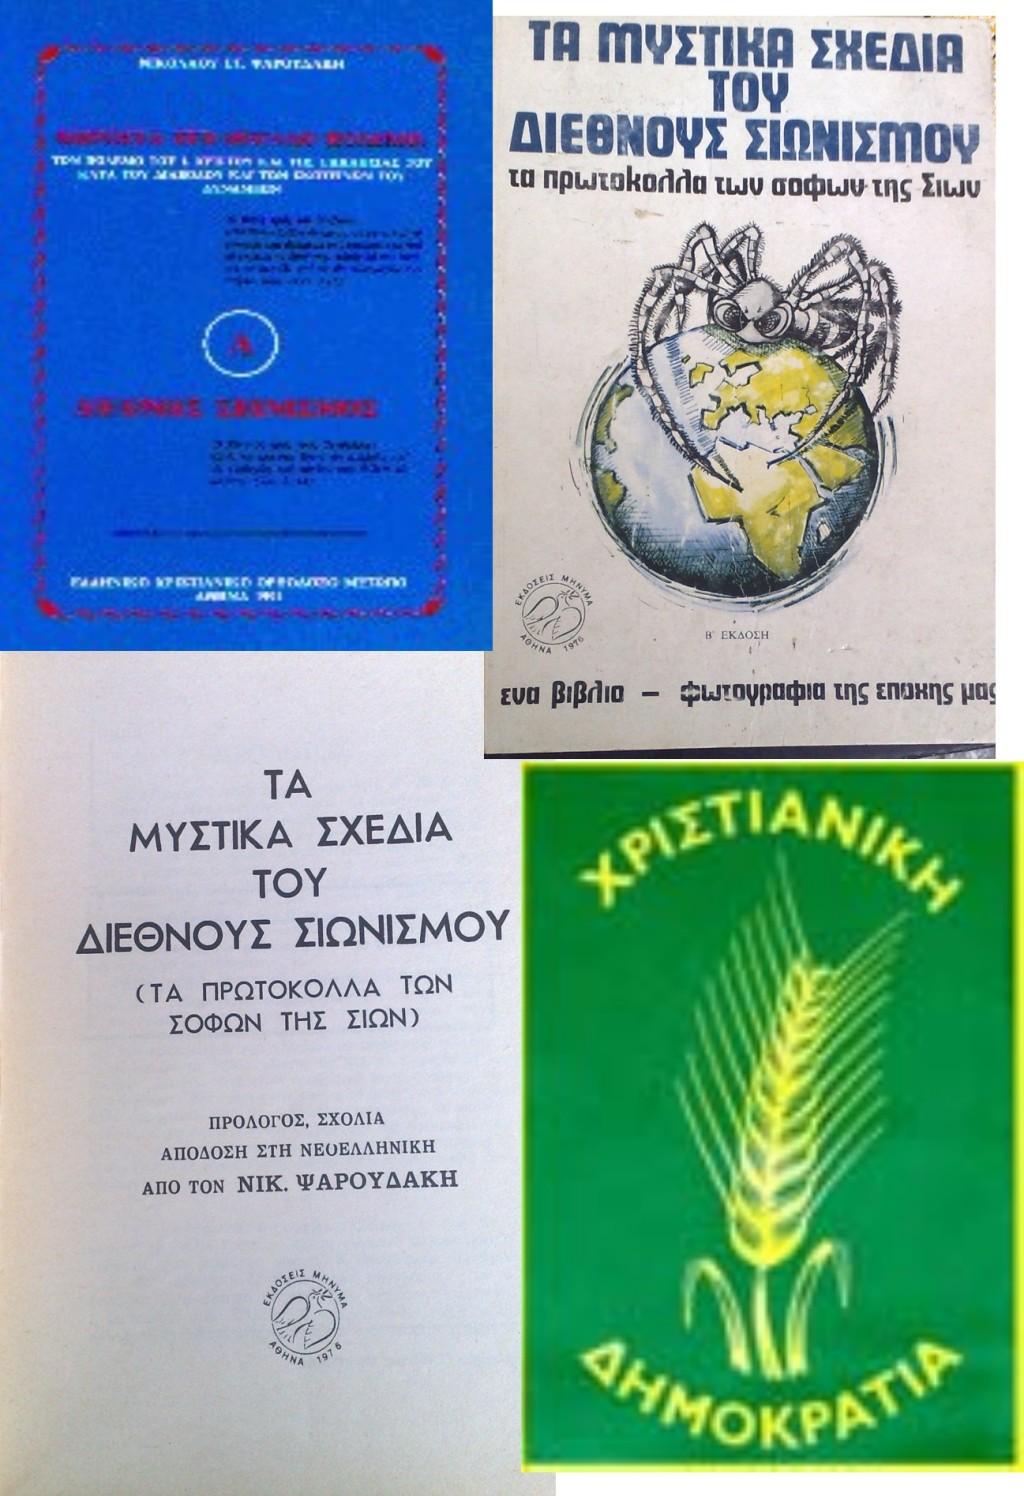 Κολλάζ από 4 εξώφυλλα από βιβλία με Τα πρωτόκολλα των σοφών της Σιών - mix